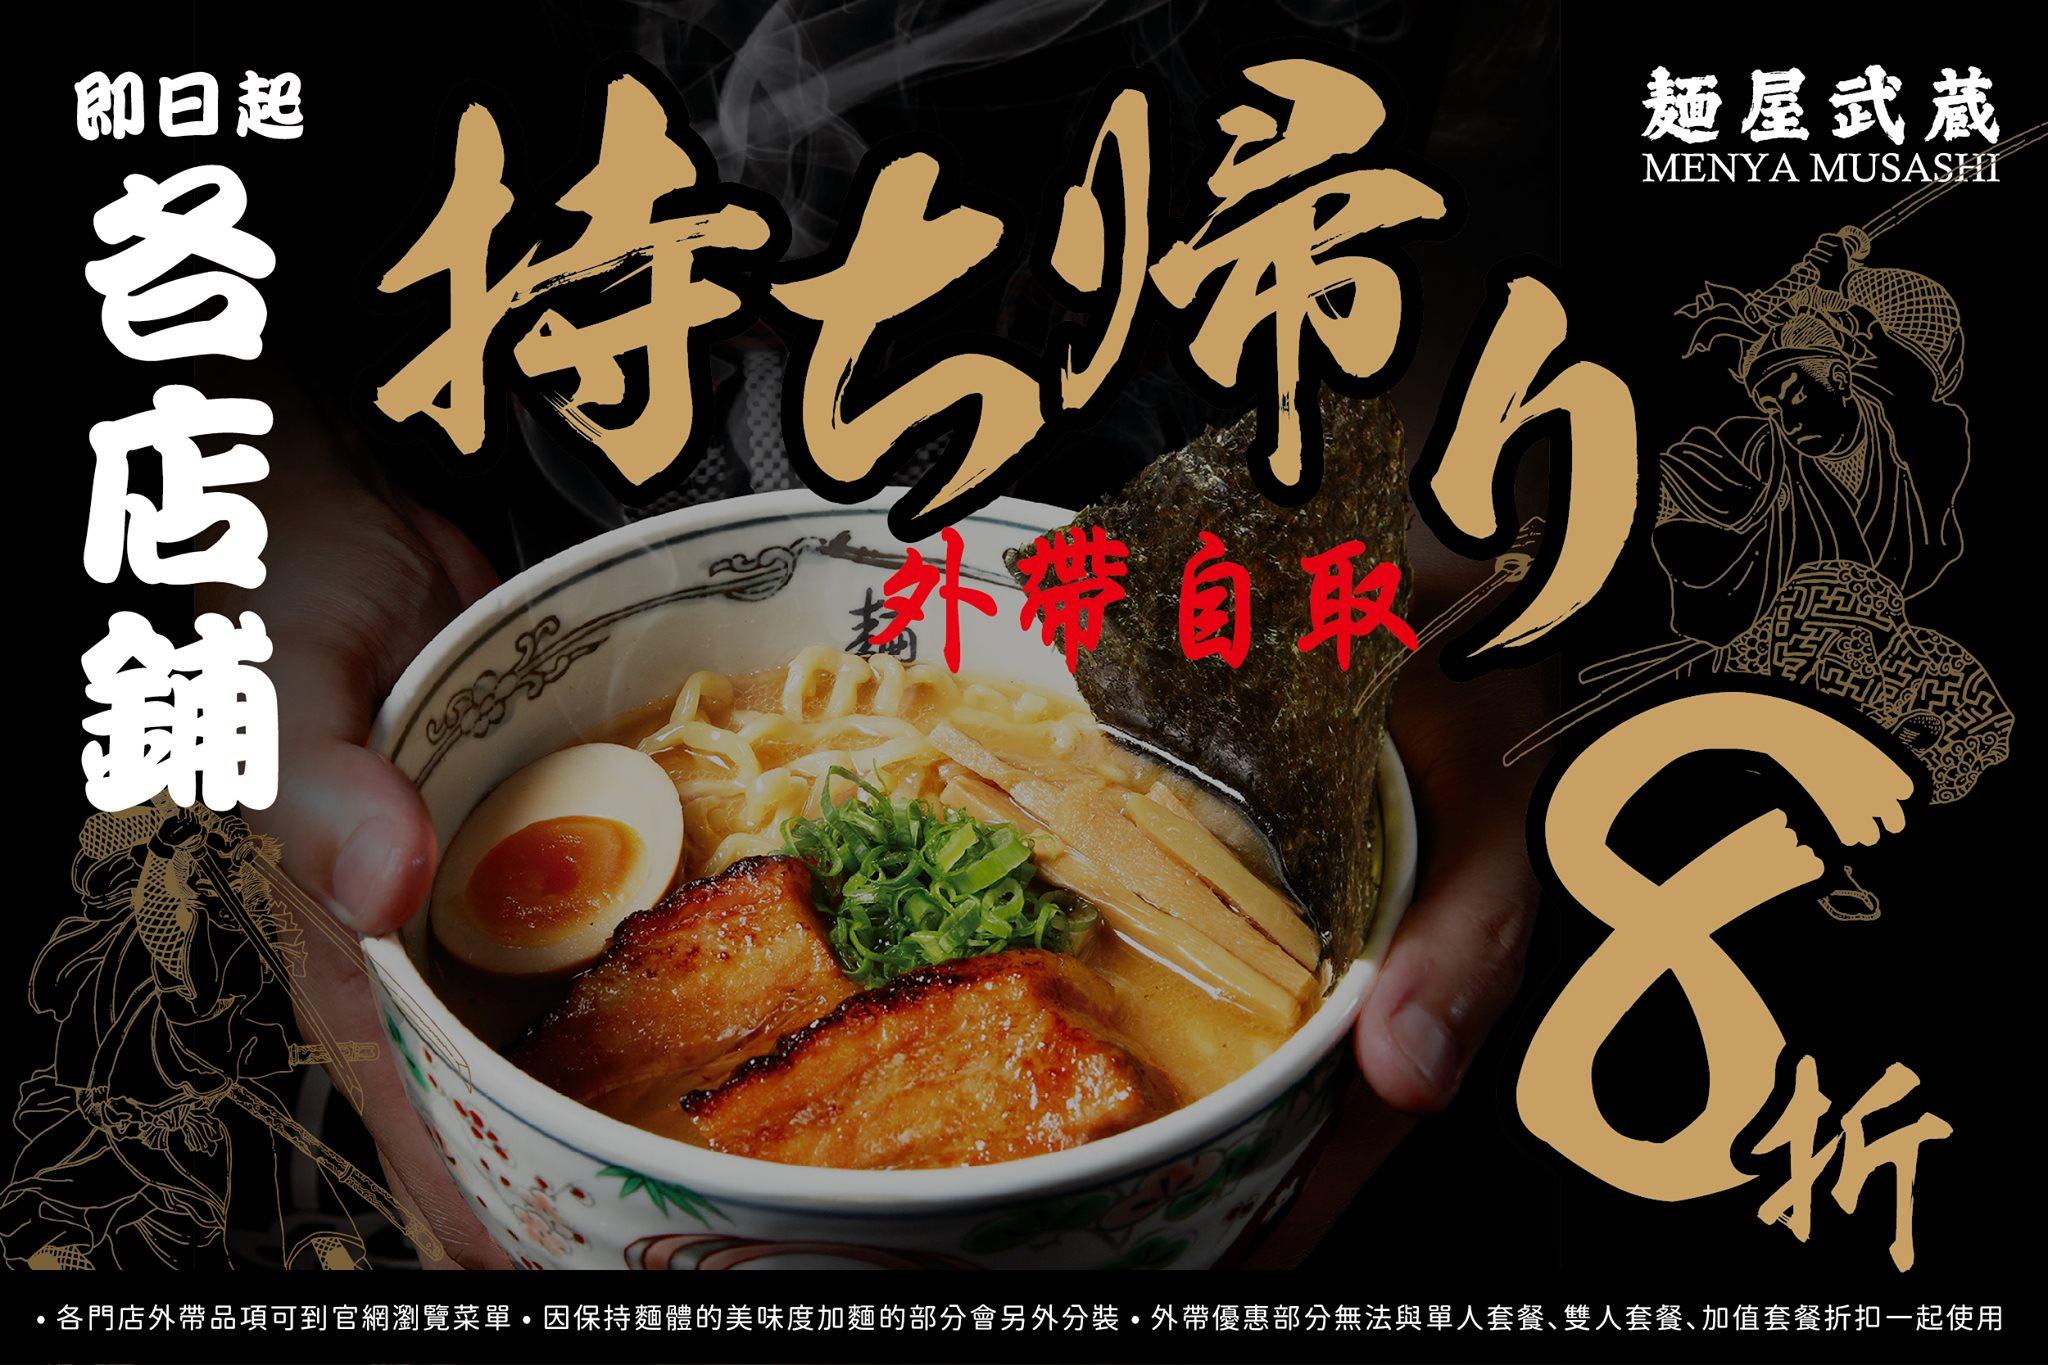 台北外帶美食 優惠餐廳總整理 防疫期間外帶優惠總整理! 連鎖品牌外帶優惠懶人包 53